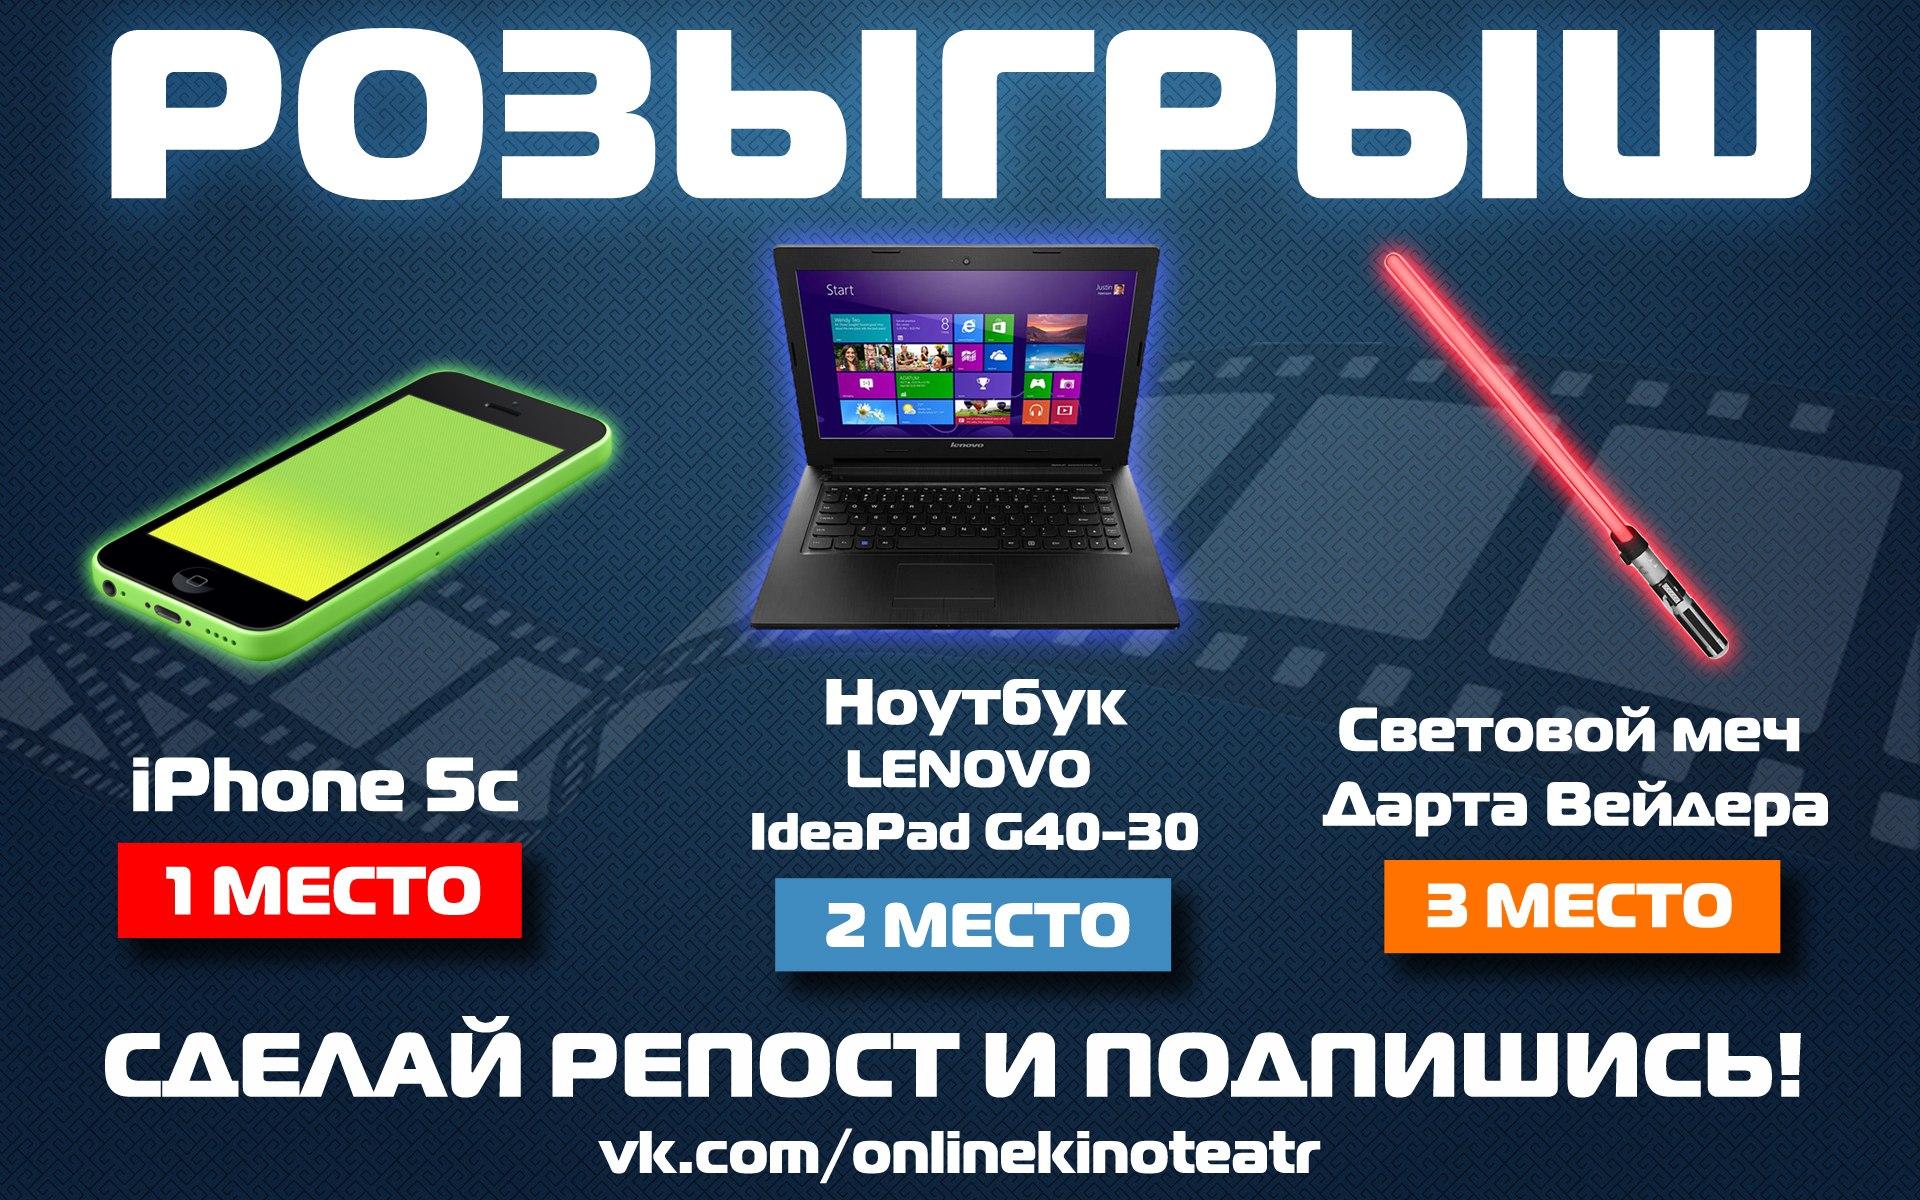 Конкурс с выигрышем ноутбук